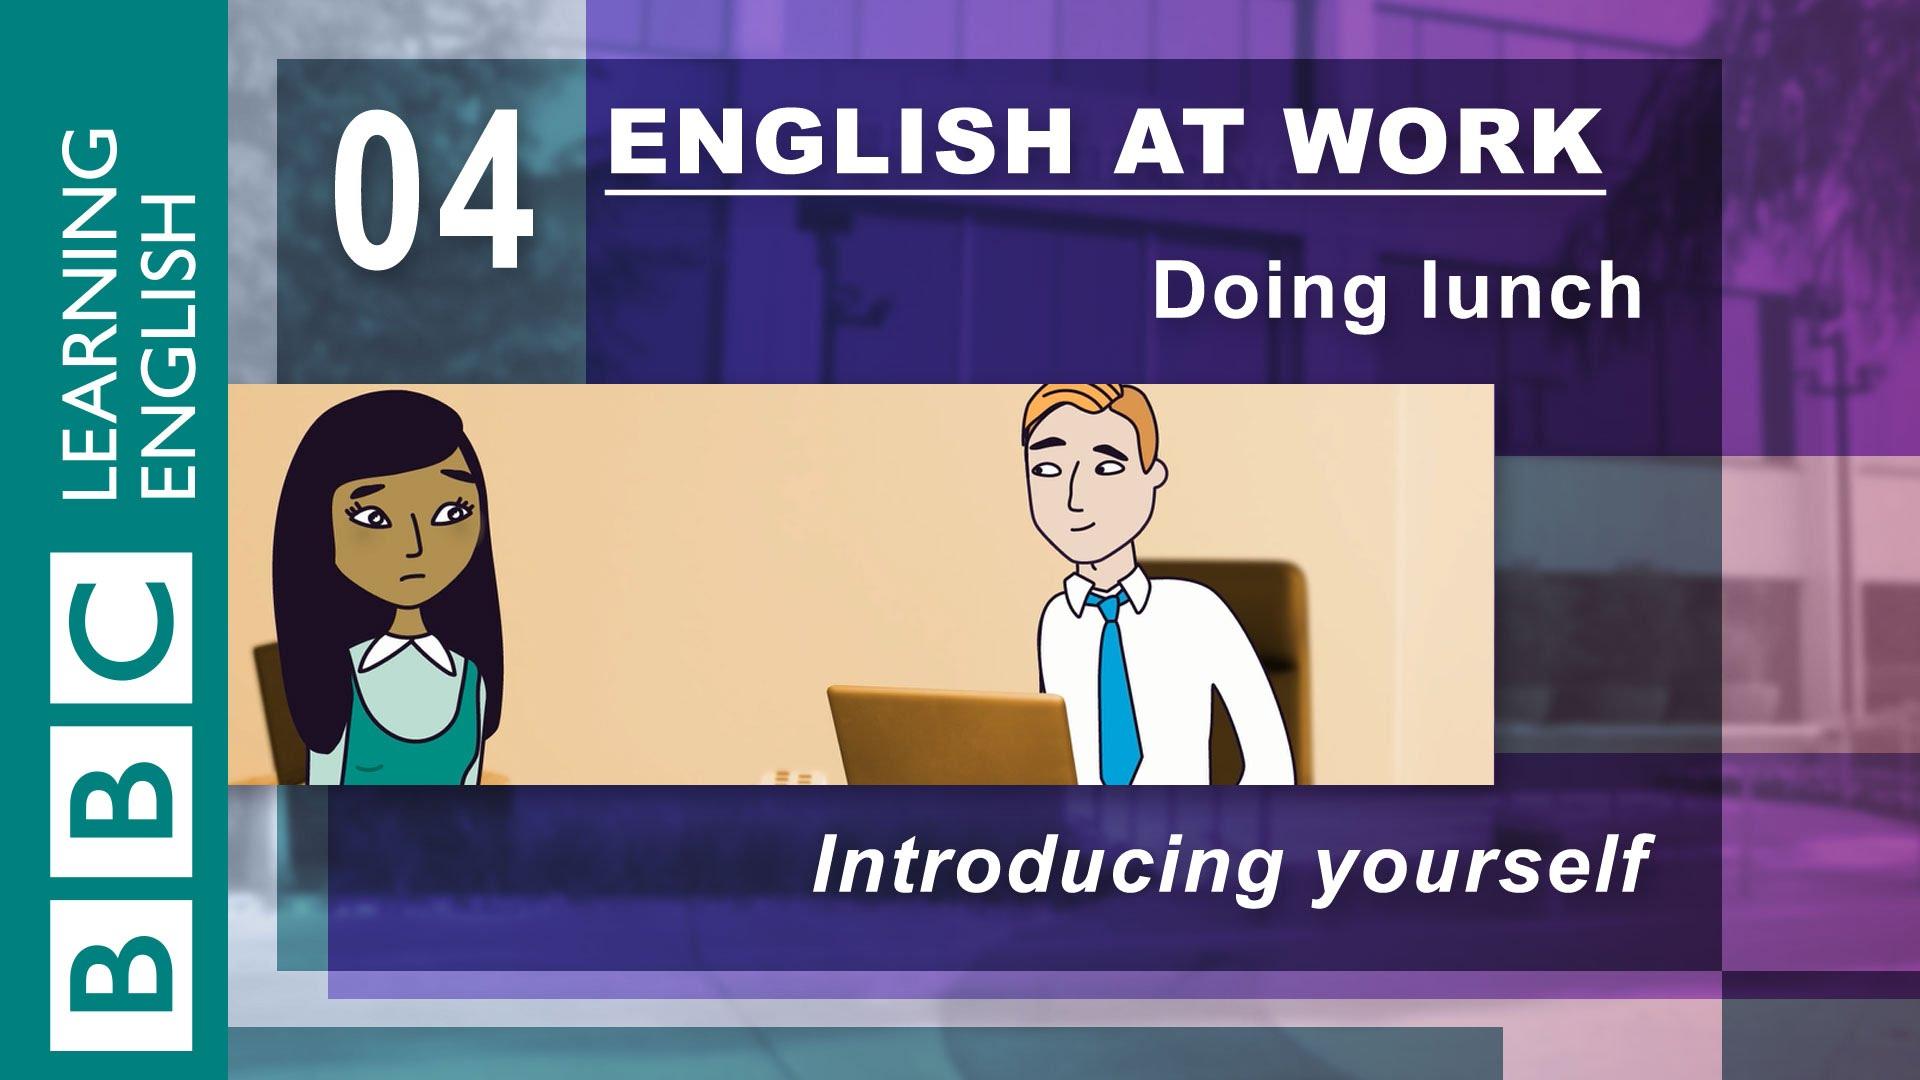 超實用商業英語會話,讓你上班第一天就和大家打成一片!